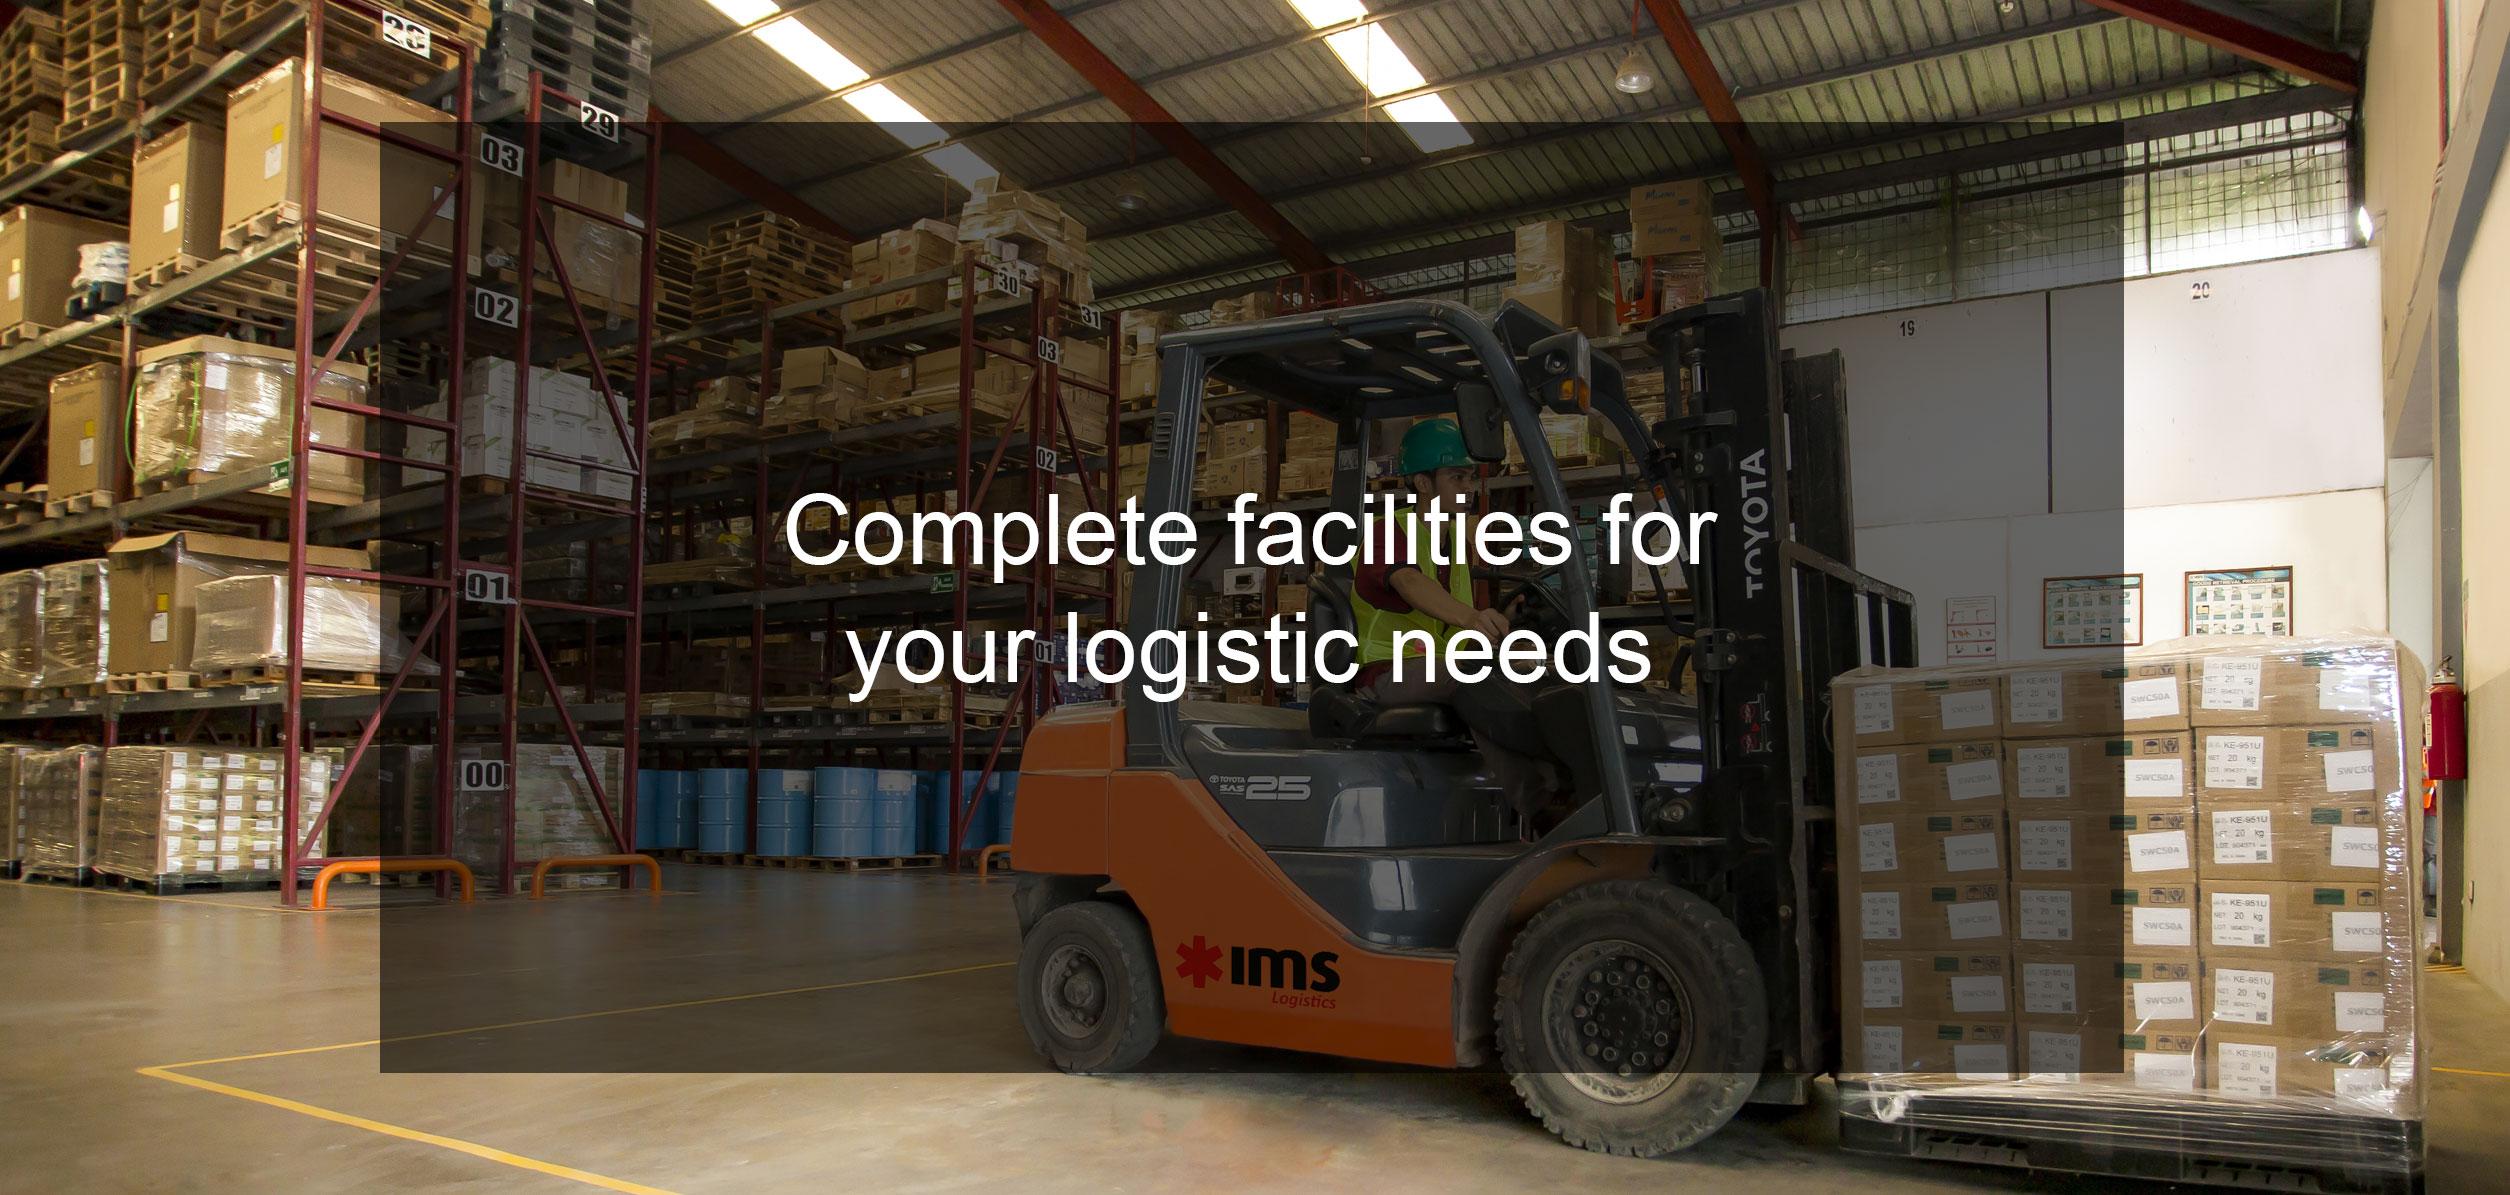 Slider4-rev_Fasilitas-lengkap-untuk-kebutuhan-logistik-Anda